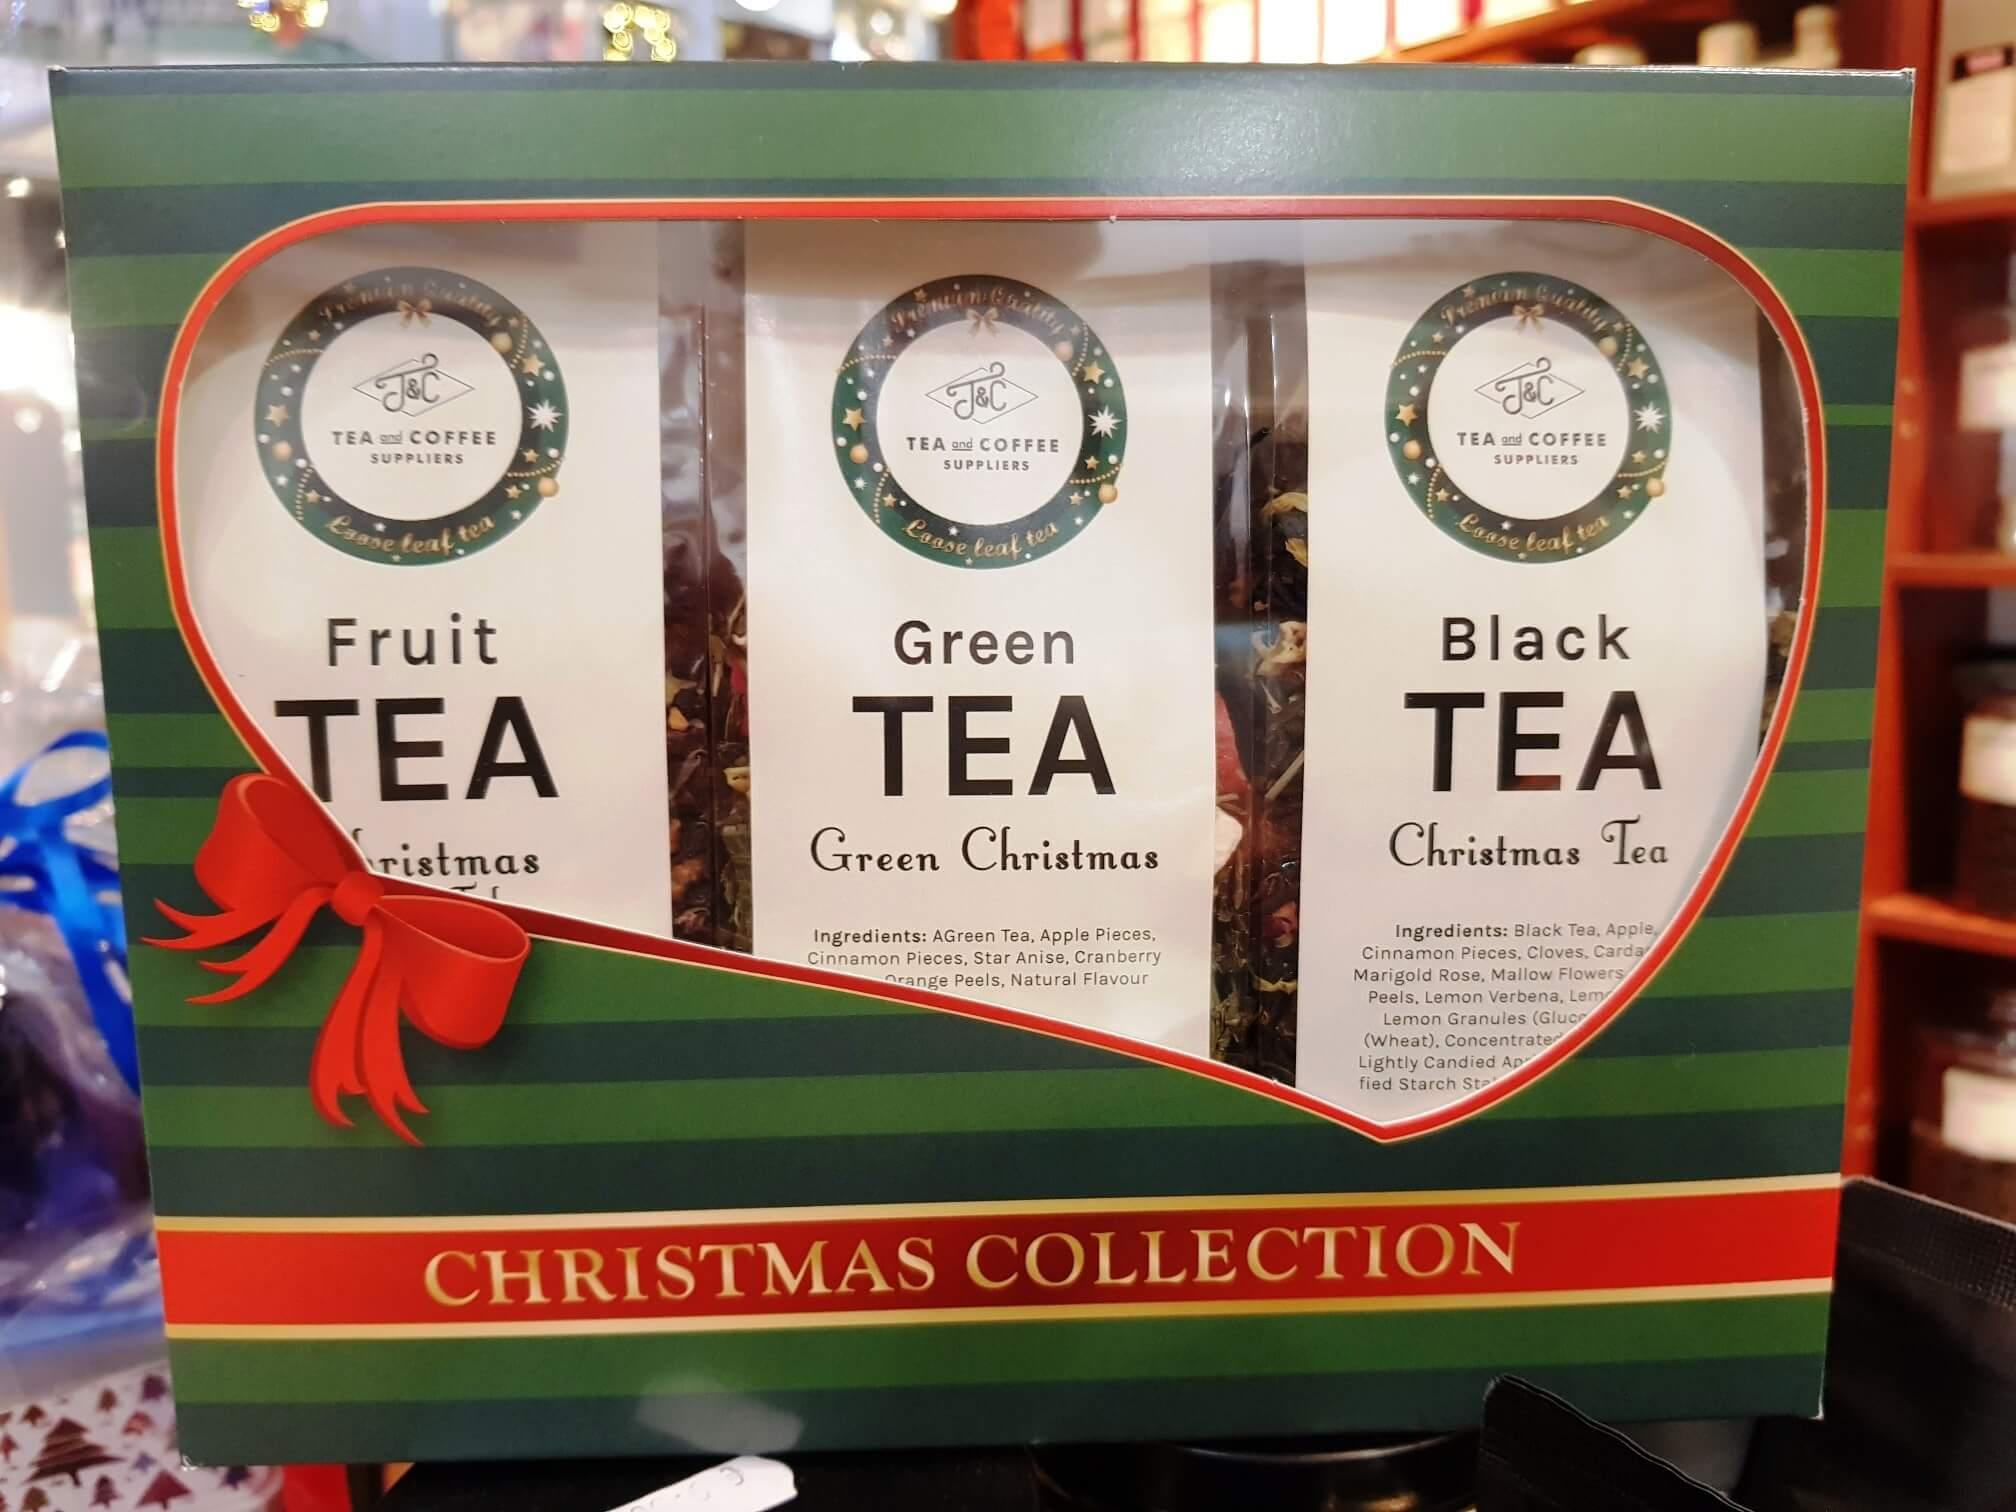 T&C CHRISTMAS TEA COLLECTION SET 3x100g